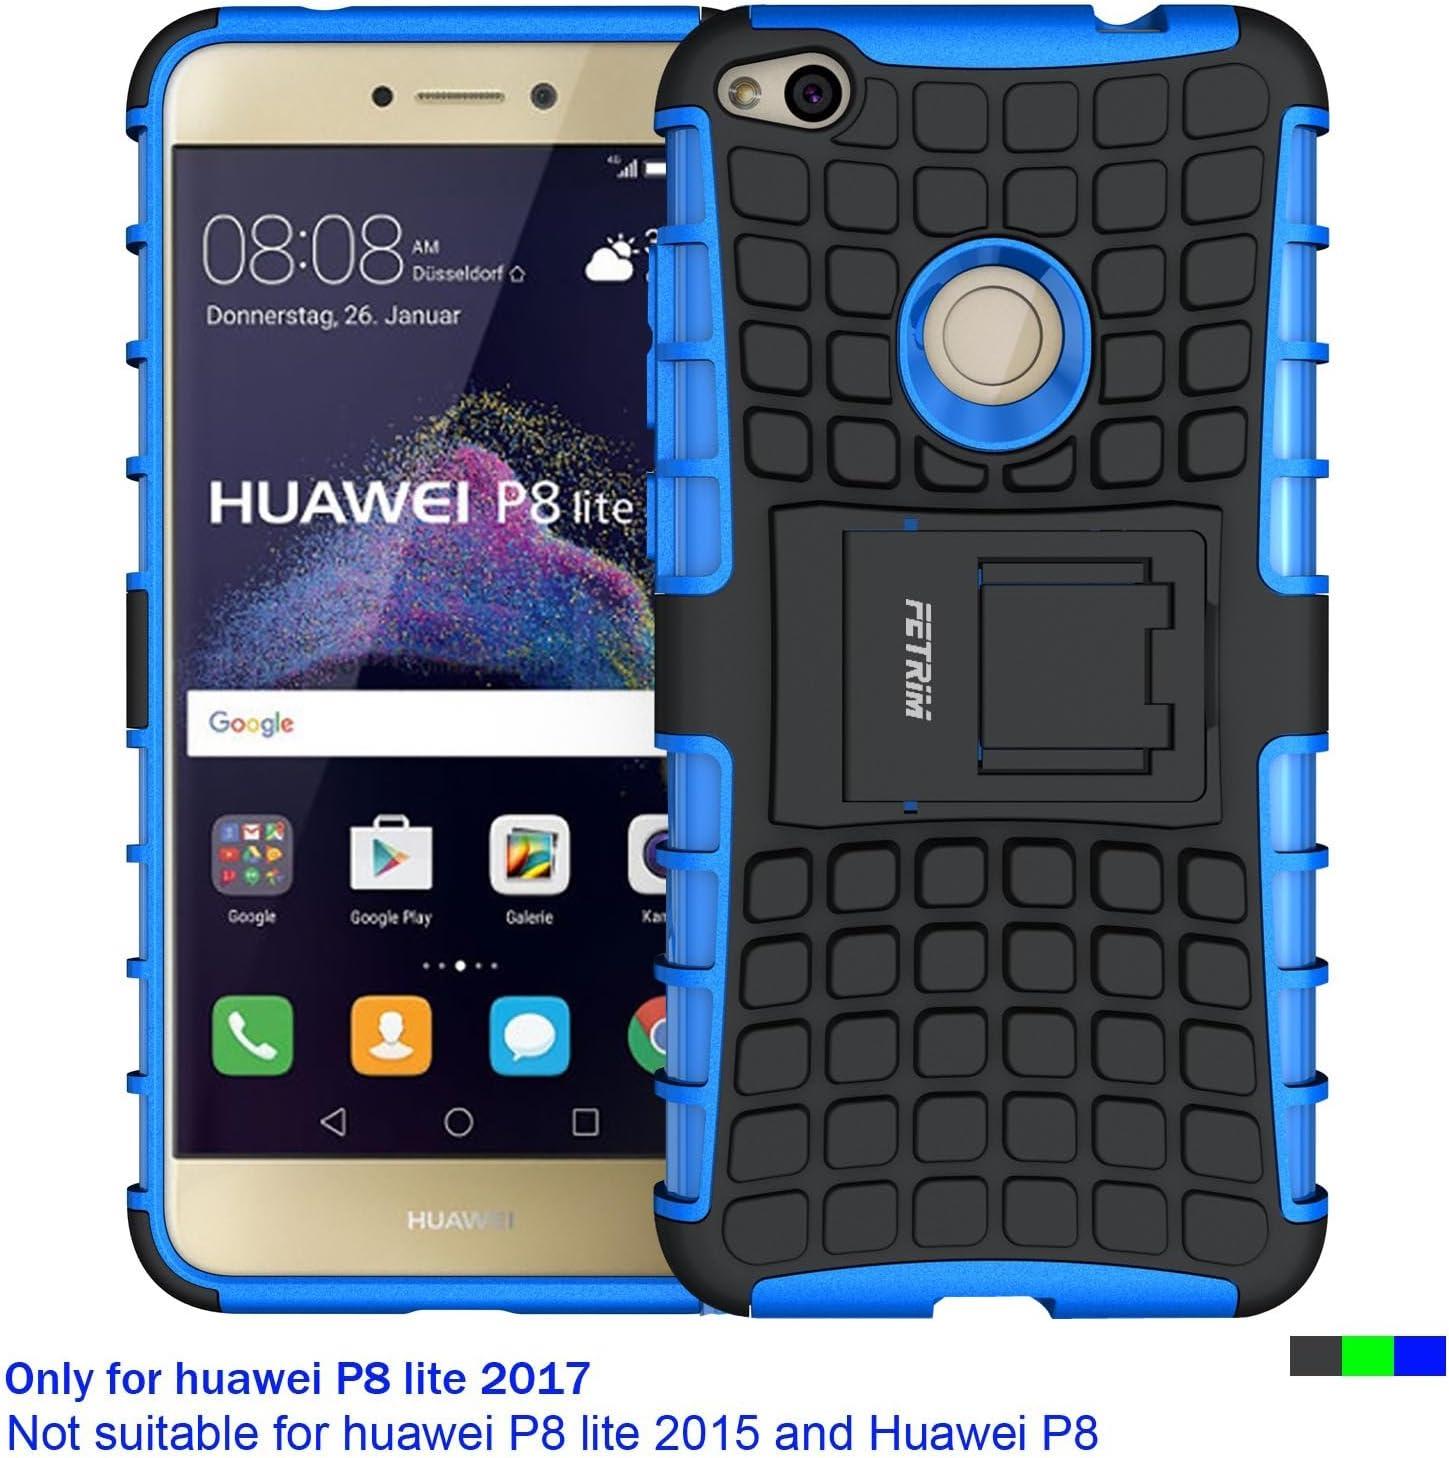 Funda Huawei P8 Lite 2017, Fetrim soporte Proteccion Cáscara Cases delgada de golpes Capa de Tough silicona TPU + plastico Anti Arañazos de Protectora para Huawei P8 Lite 2017: Amazon.es: Electrónica